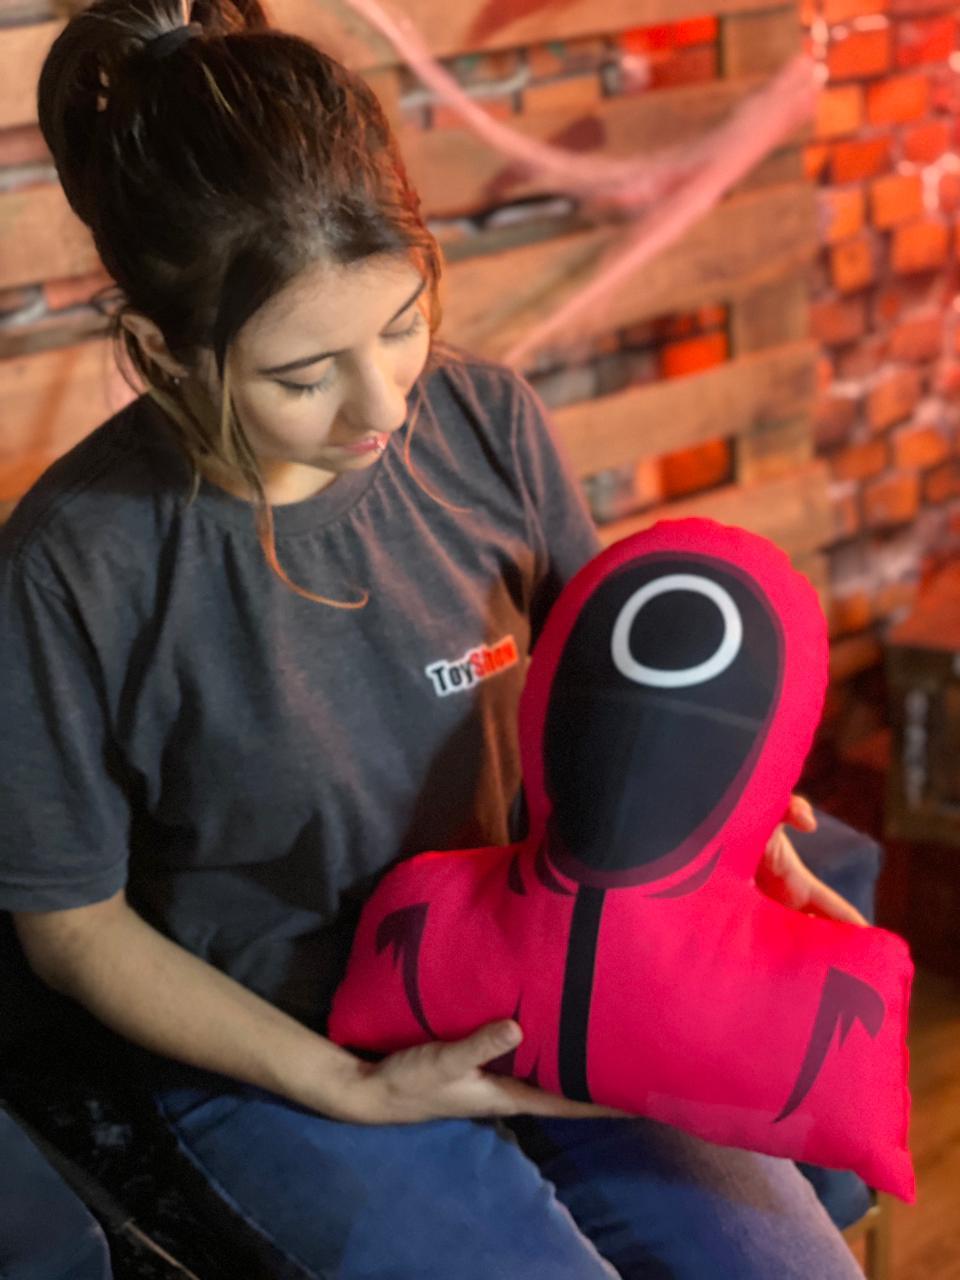 Almofada Busto 3D Símbolo Redondo Operário Round 6 Squid Game Netflix - EV